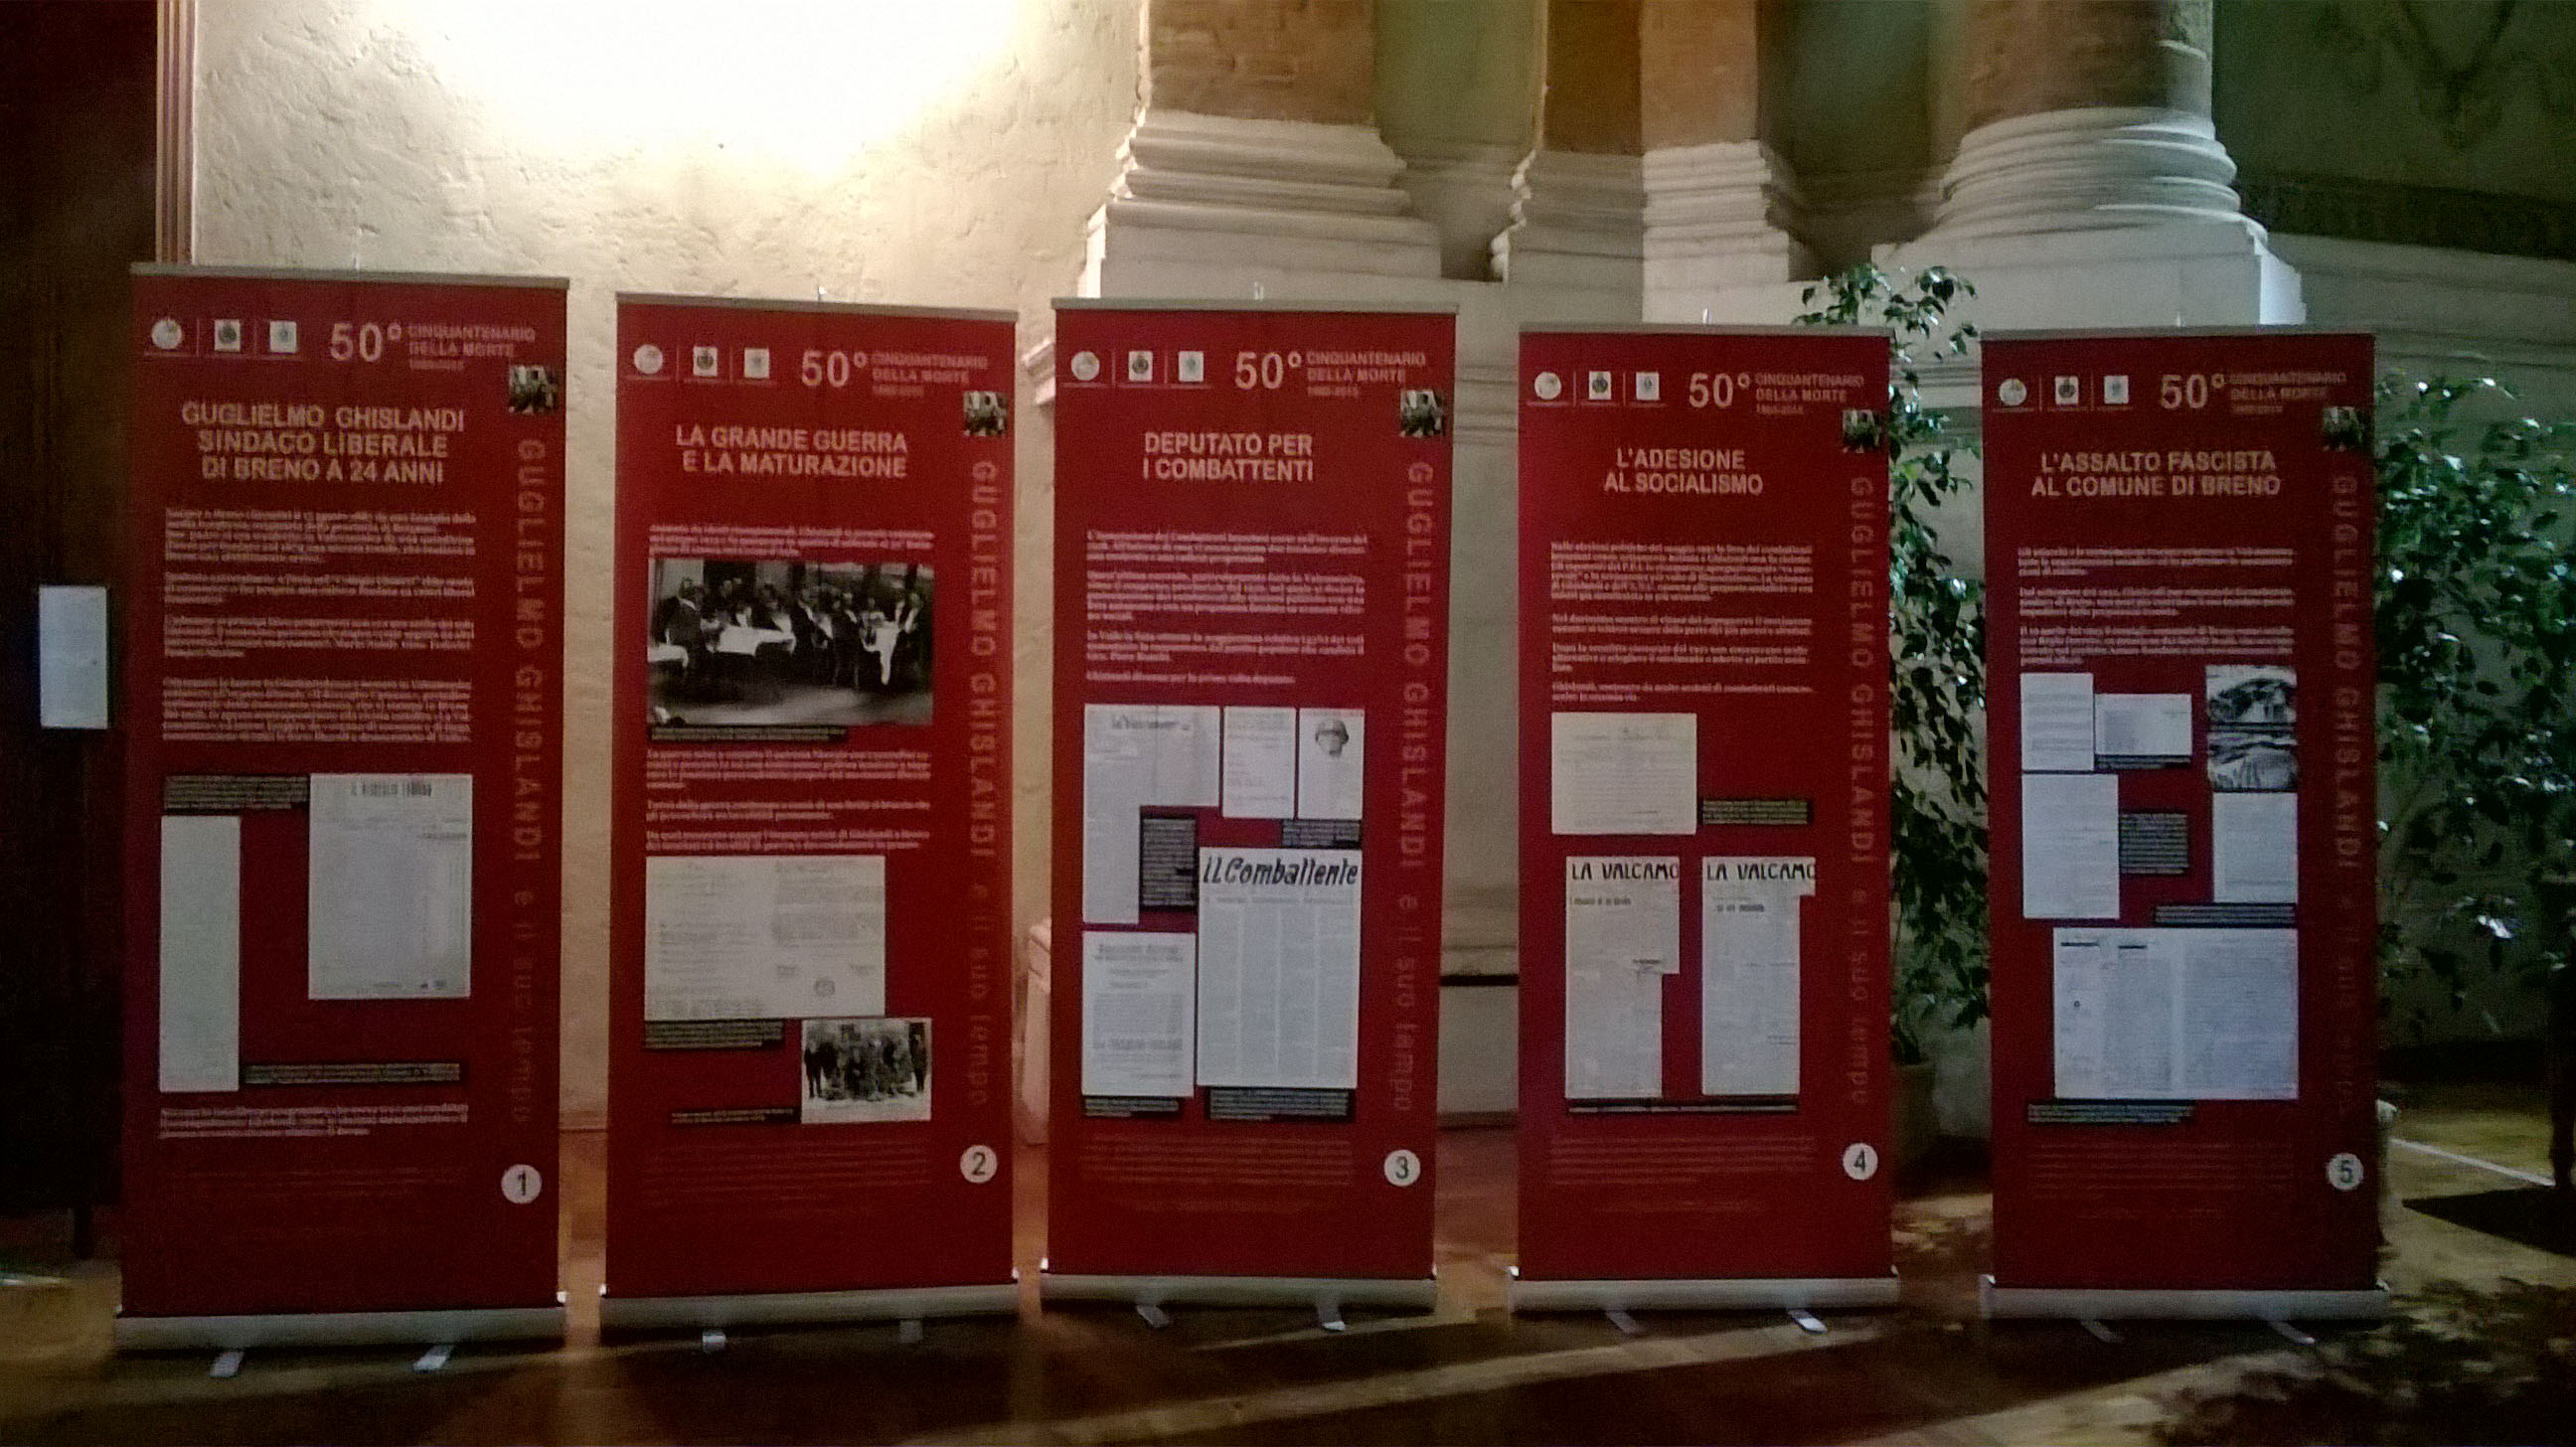 Convegno Brescia Ghislandi_6 marzo 2015_21